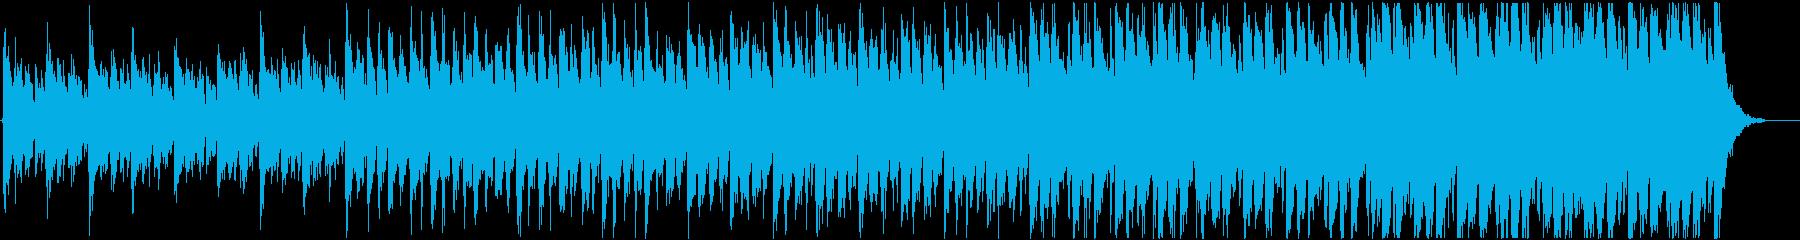 緊迫感のあるシネマティック(テンポ遅め)の再生済みの波形